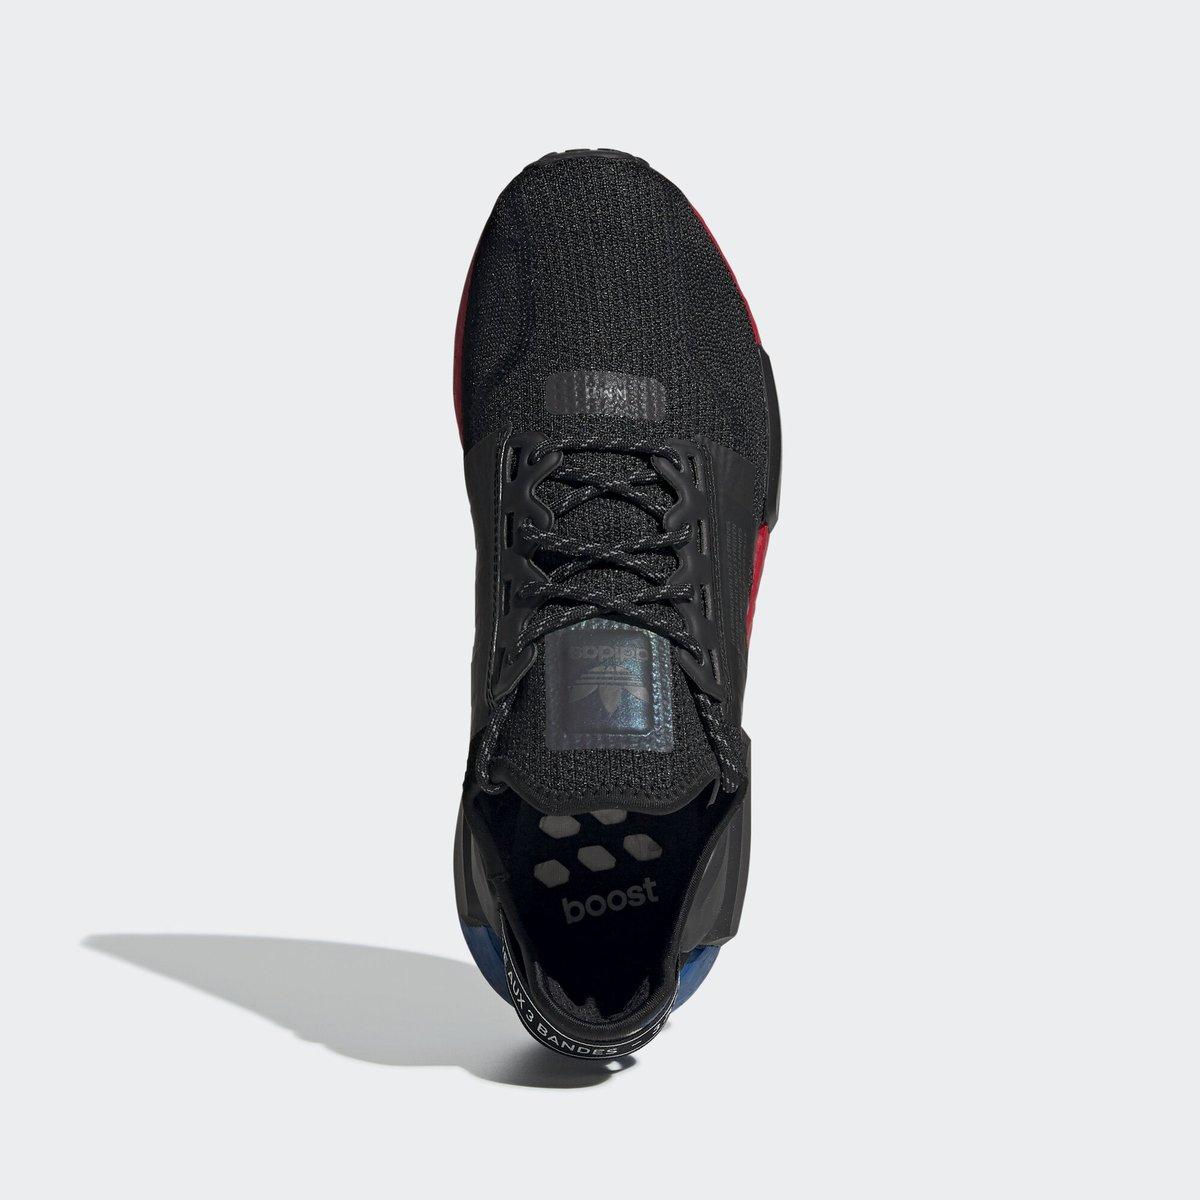 adidas,NMD V2, 造型独特的鞋身支撑!全新 adidas NMD V2 系列首度曝光!